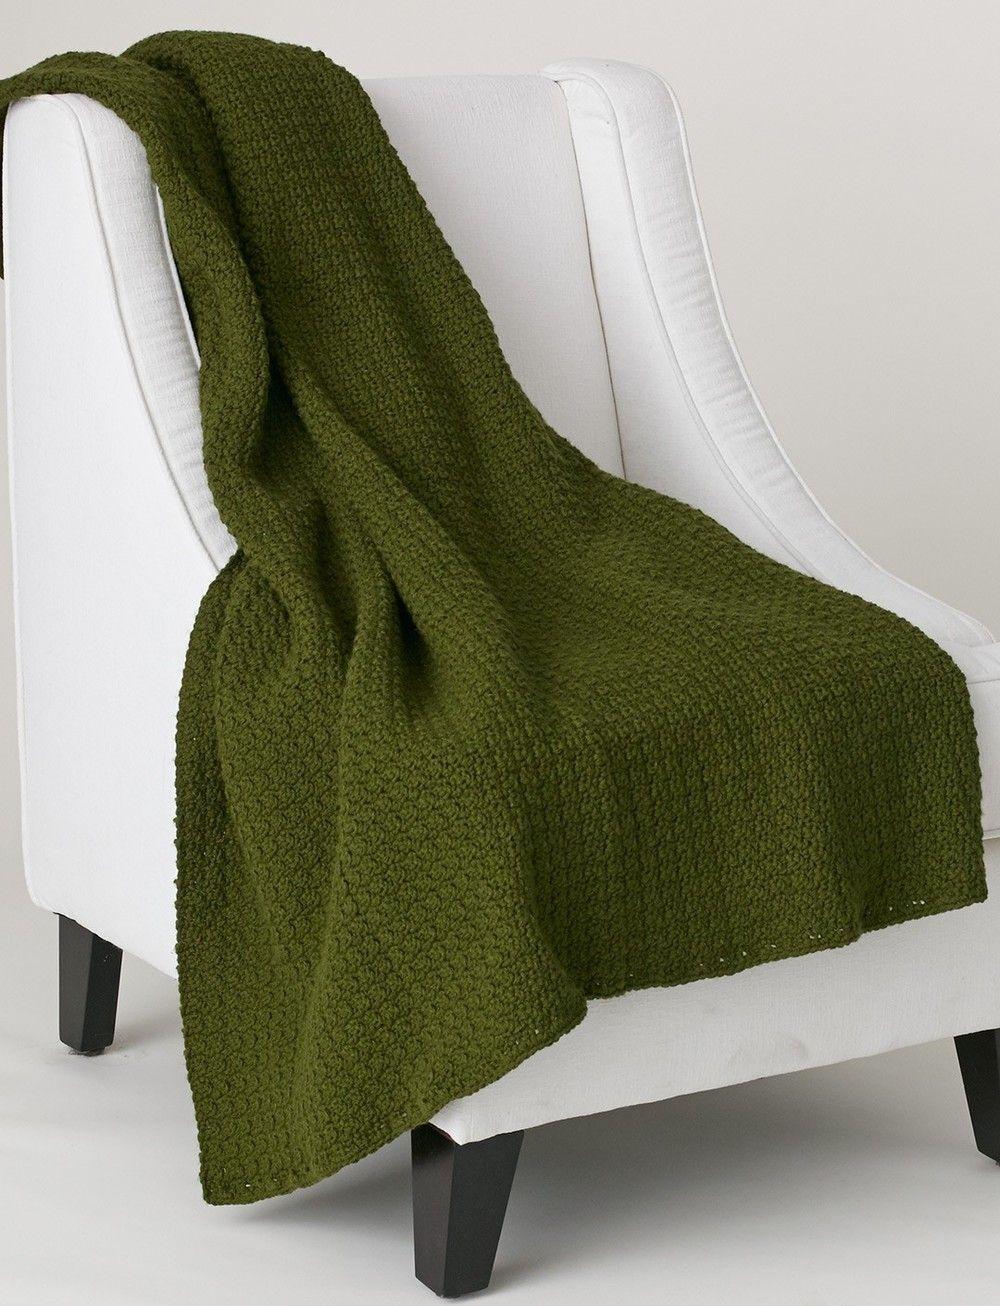 Evergreen Crochet Throw